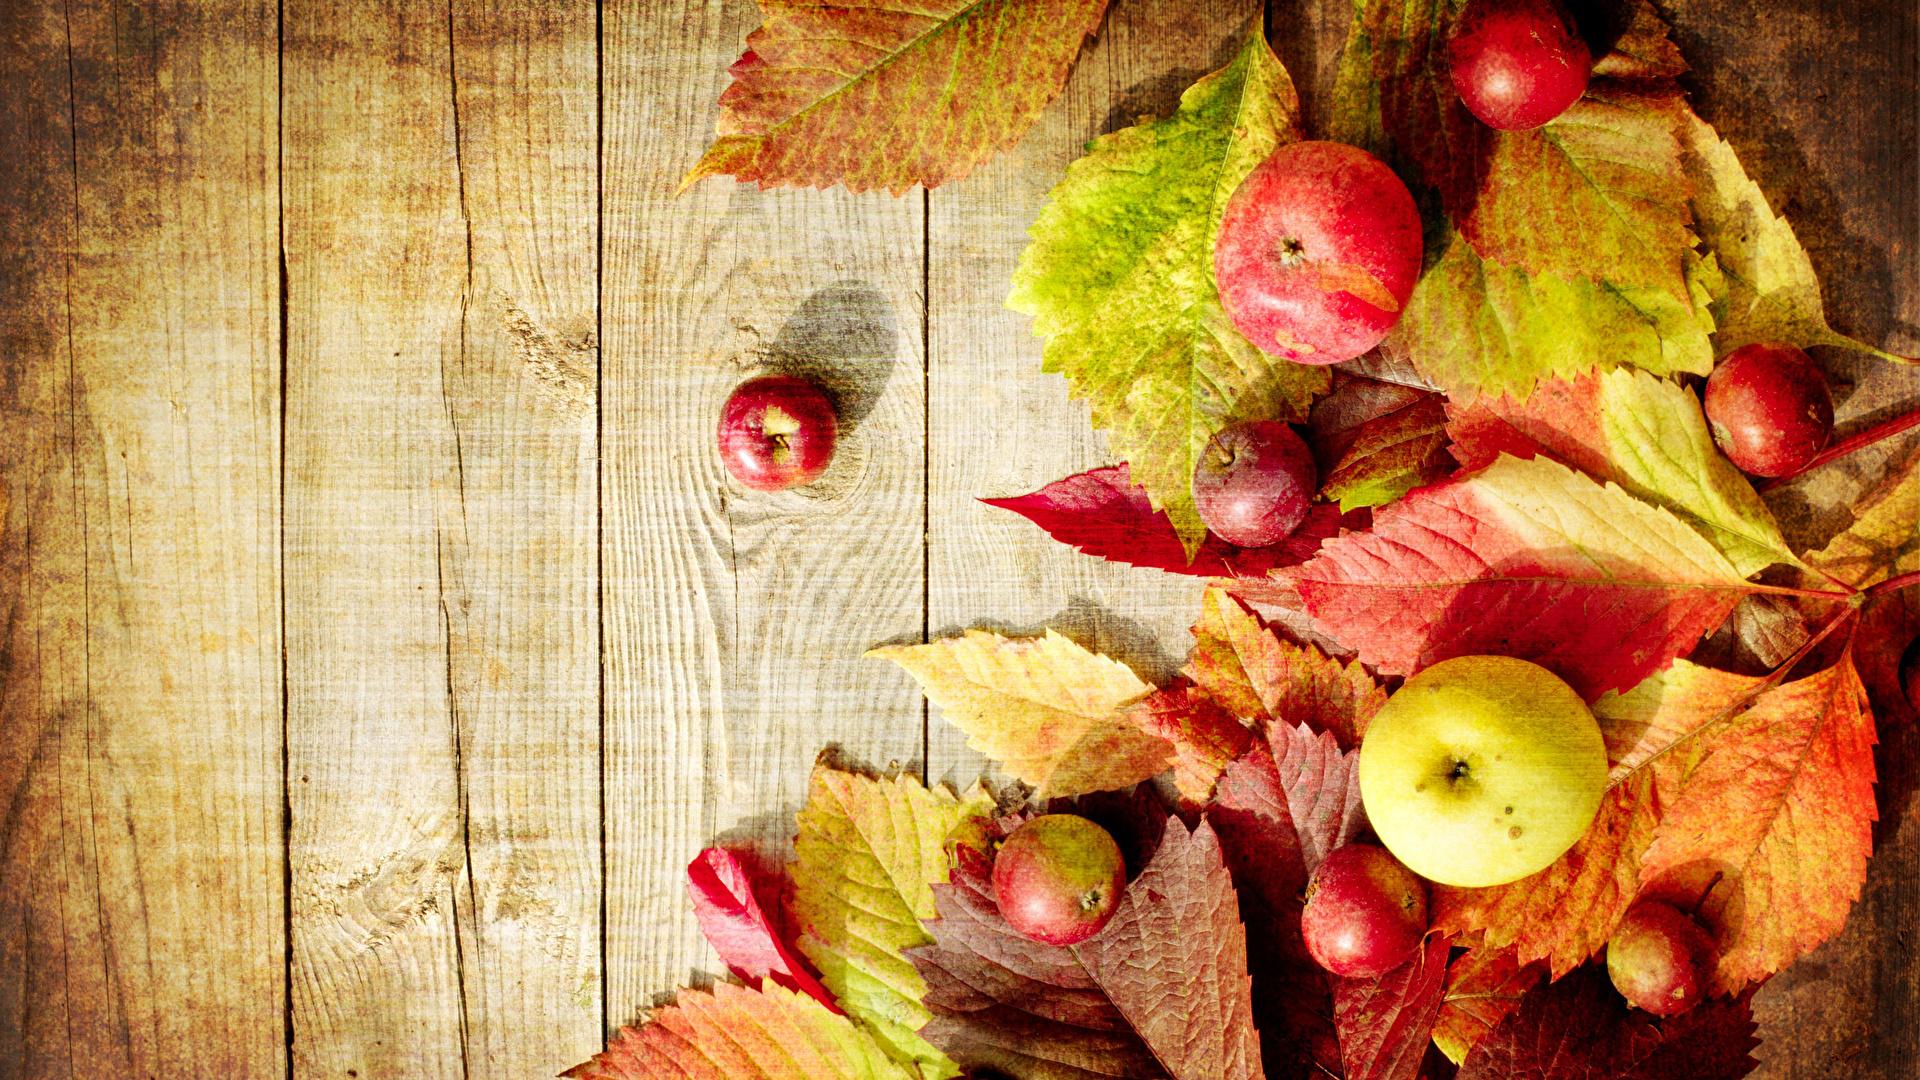 Картинки Листья Осень Яблоки Продукты питания Доски 1920x1080 лист Листва осенние Еда Пища